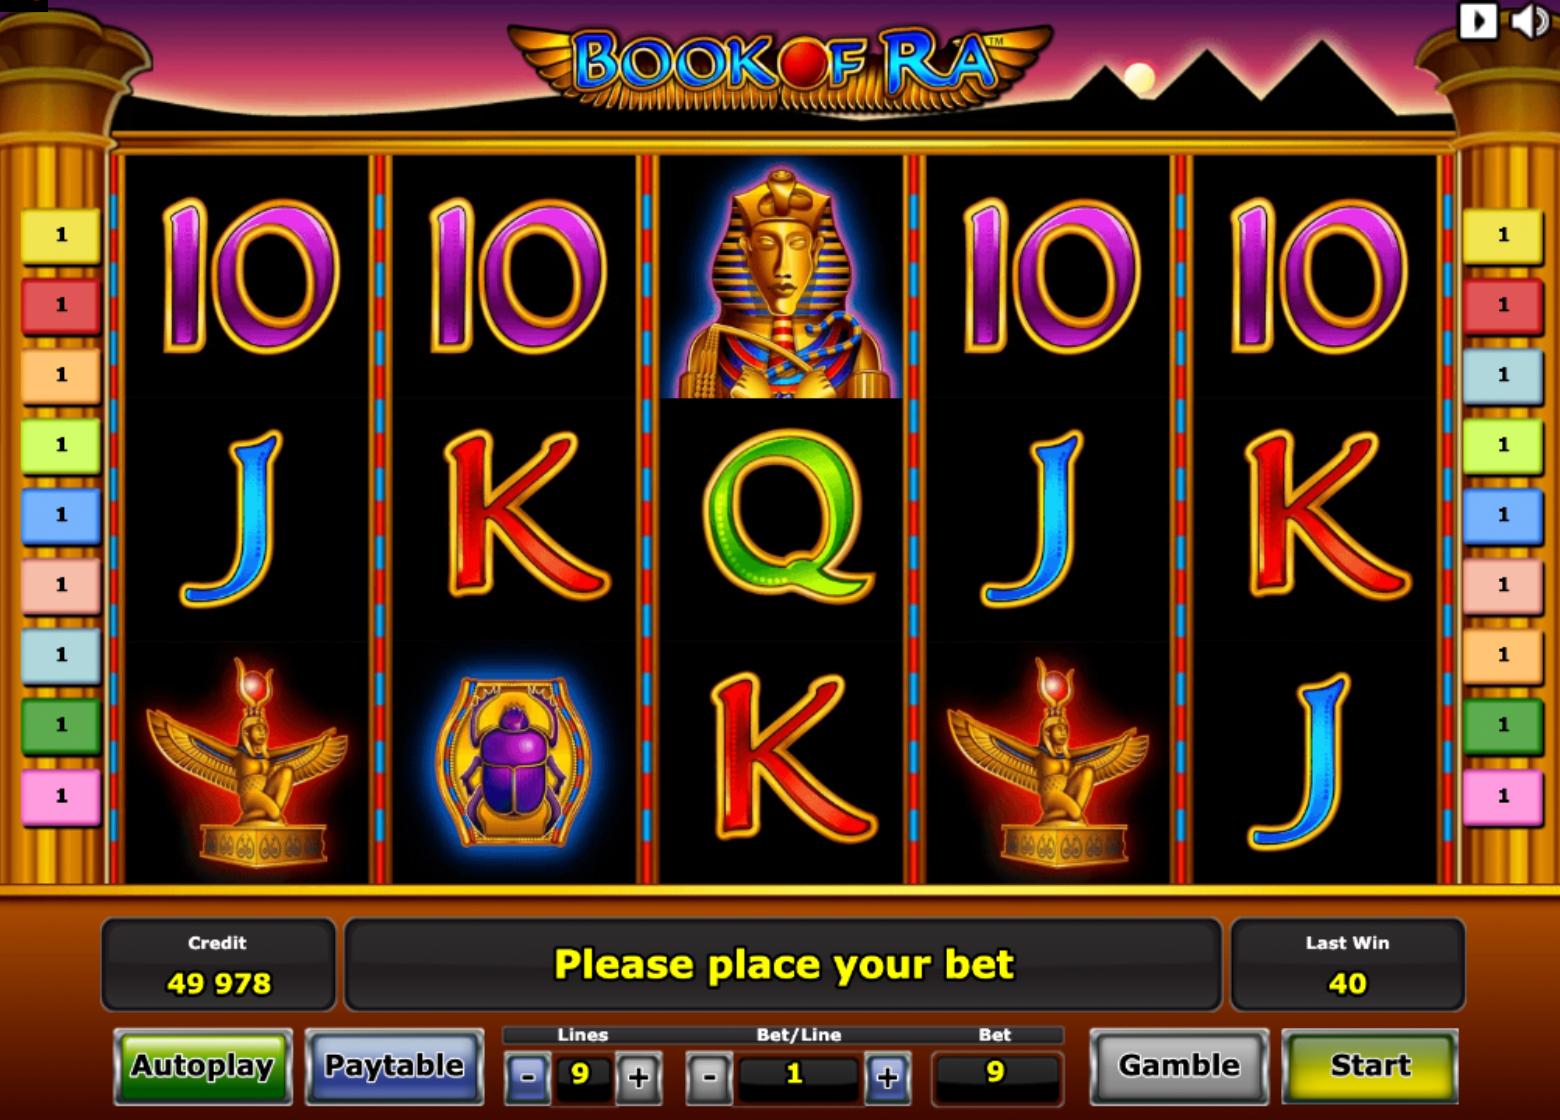 Book of ra bezmaksas vai uz naudu online kazino